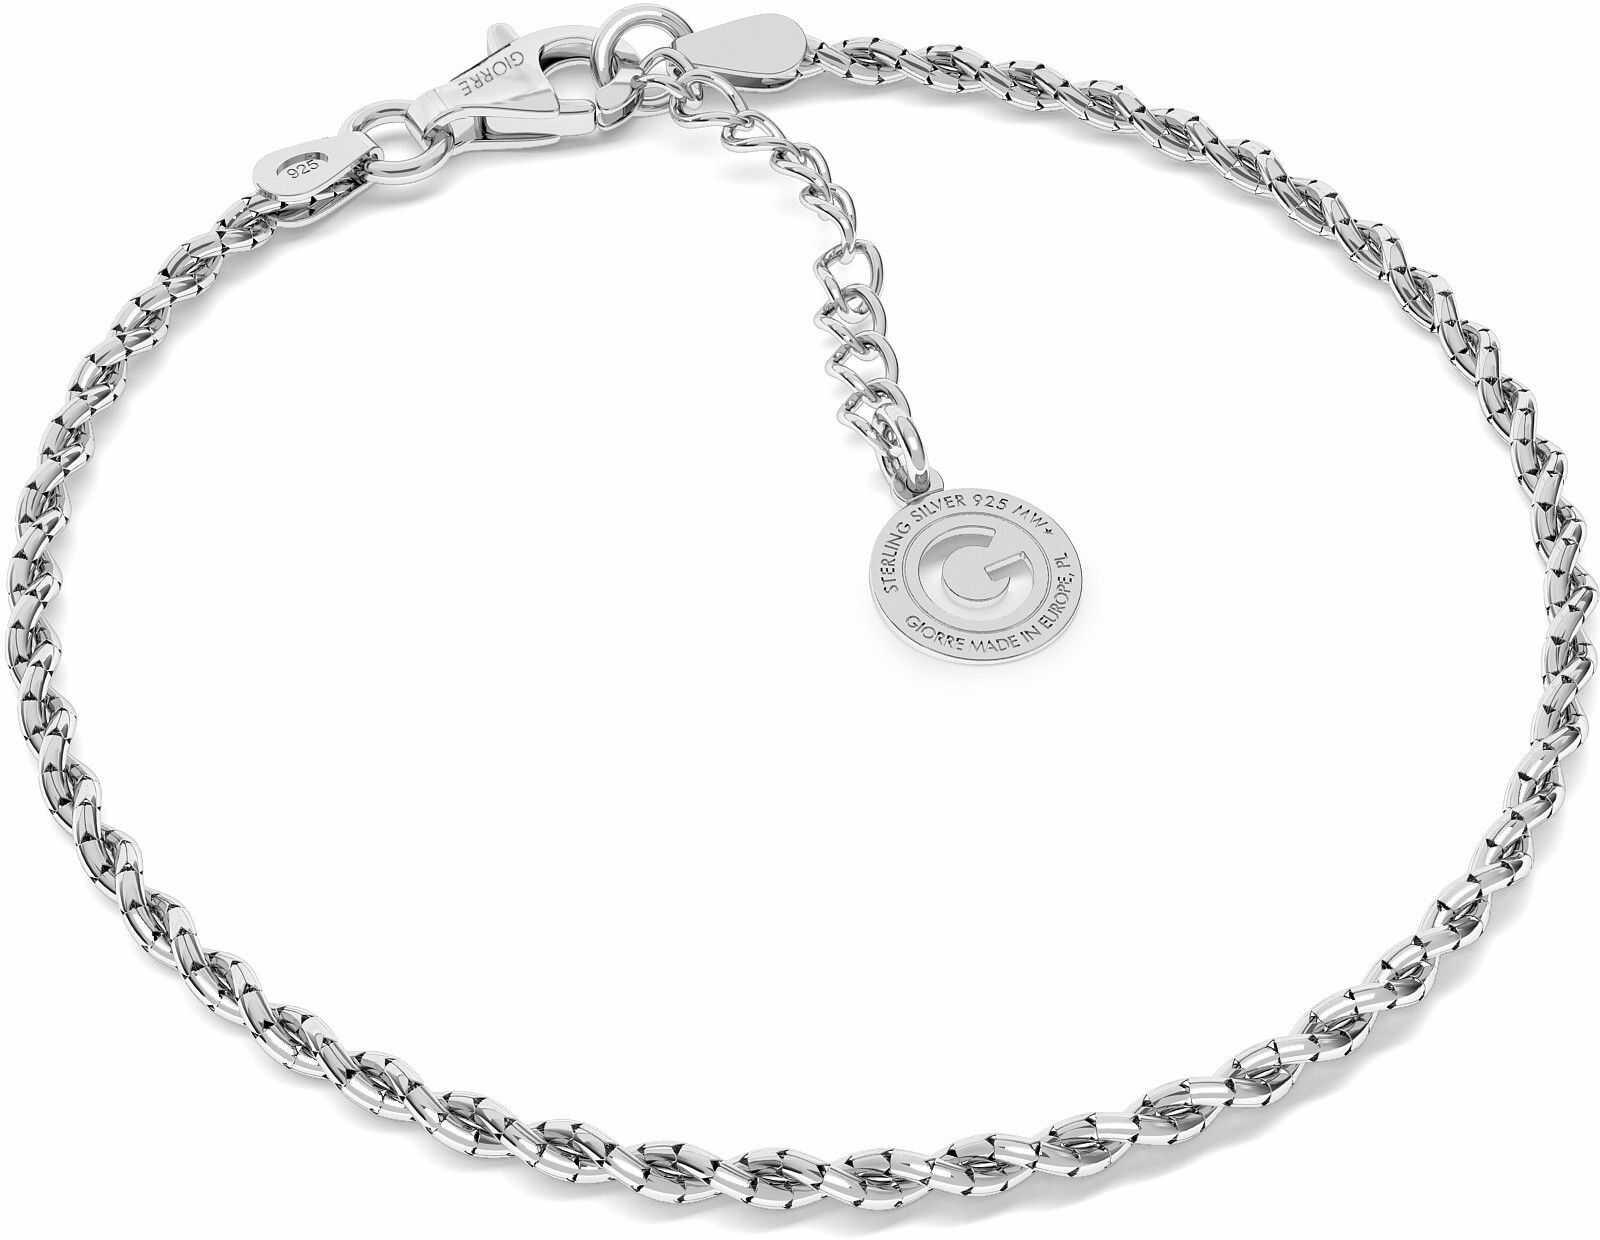 Srebrna bransoletka pleciona z 2 łańcuszków, srebro 925 : Srebro - kolor pokrycia - Pokrycie platyną